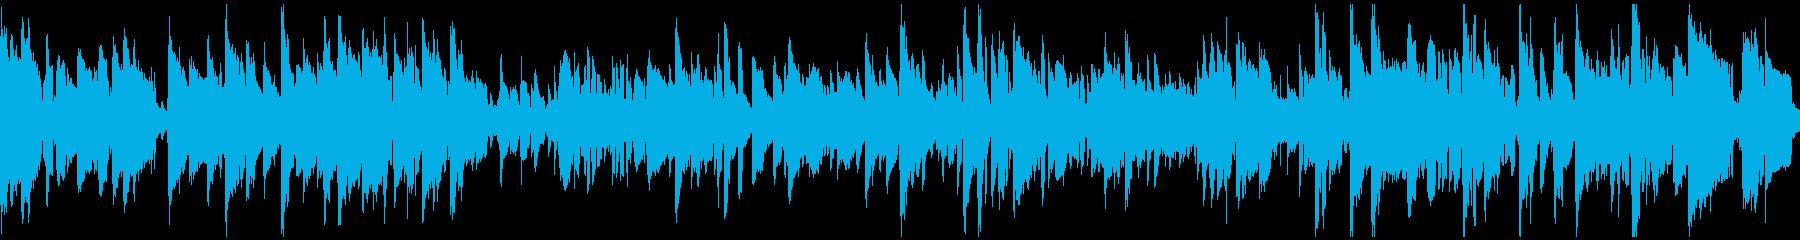 現代的なクール系しっとりジャズ※ループ版の再生済みの波形